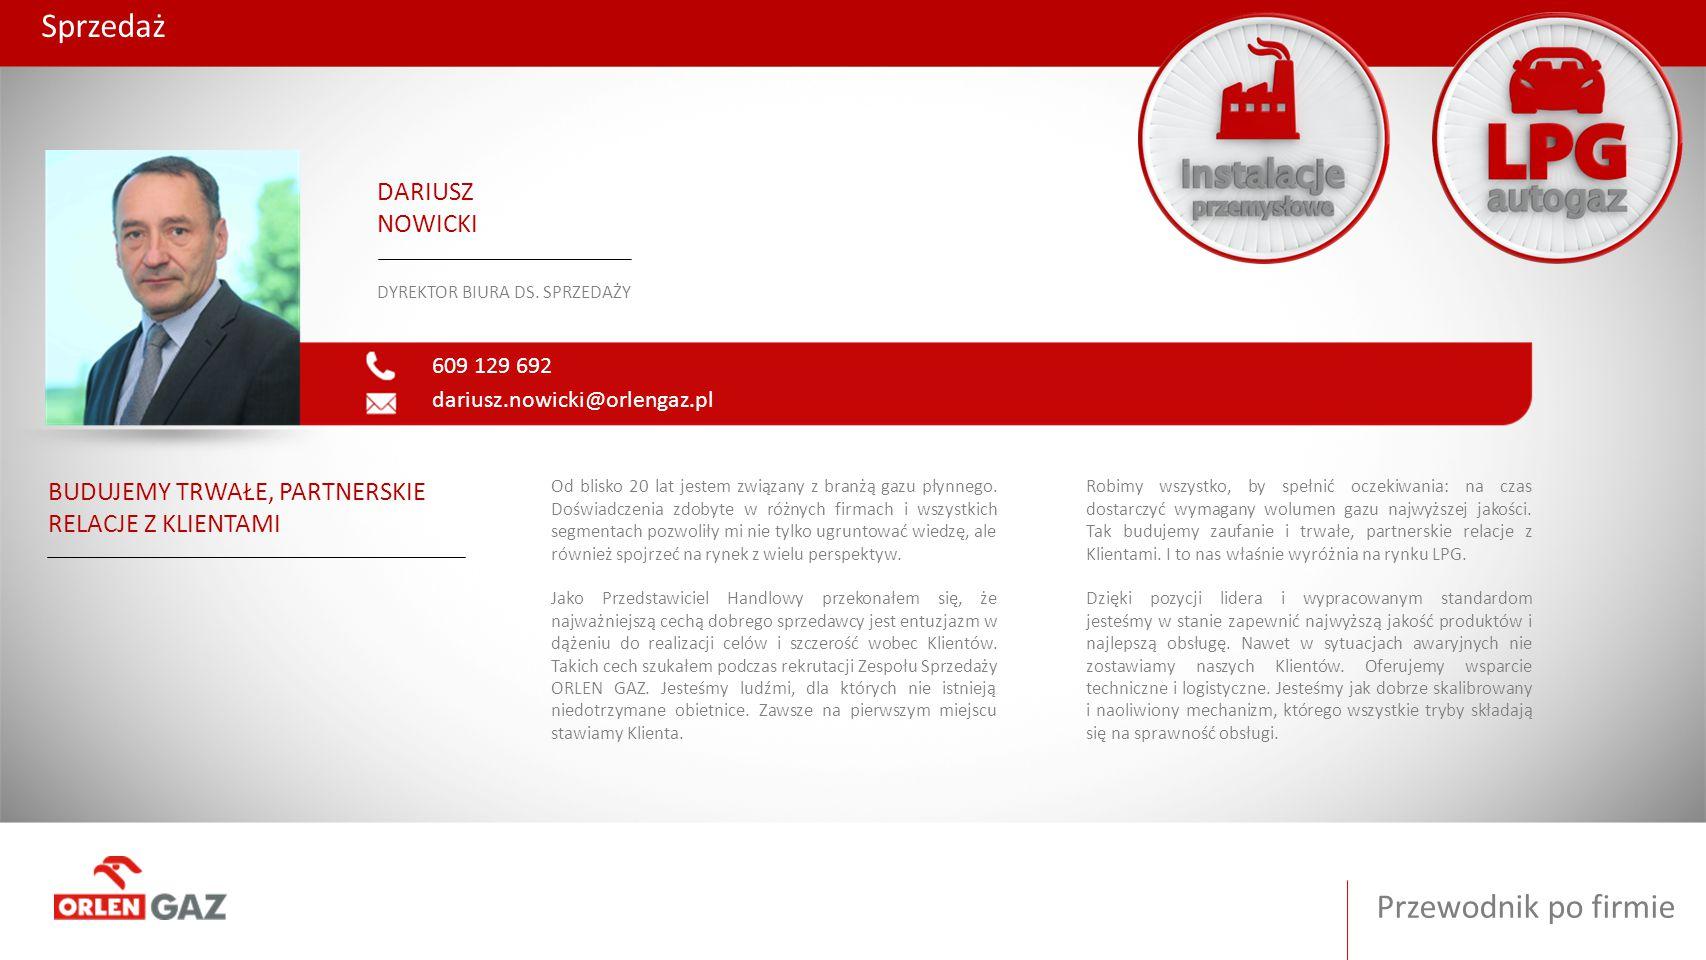 Przewodnik po firmie Sprzedaż 609 129 692 dariusz.nowicki@orlengaz.pl DARIUSZ NOWICKI DYREKTOR BIURA DS. SPRZEDAŻY BUDUJEMY TRWAŁE, PARTNERSKIE RELACJ